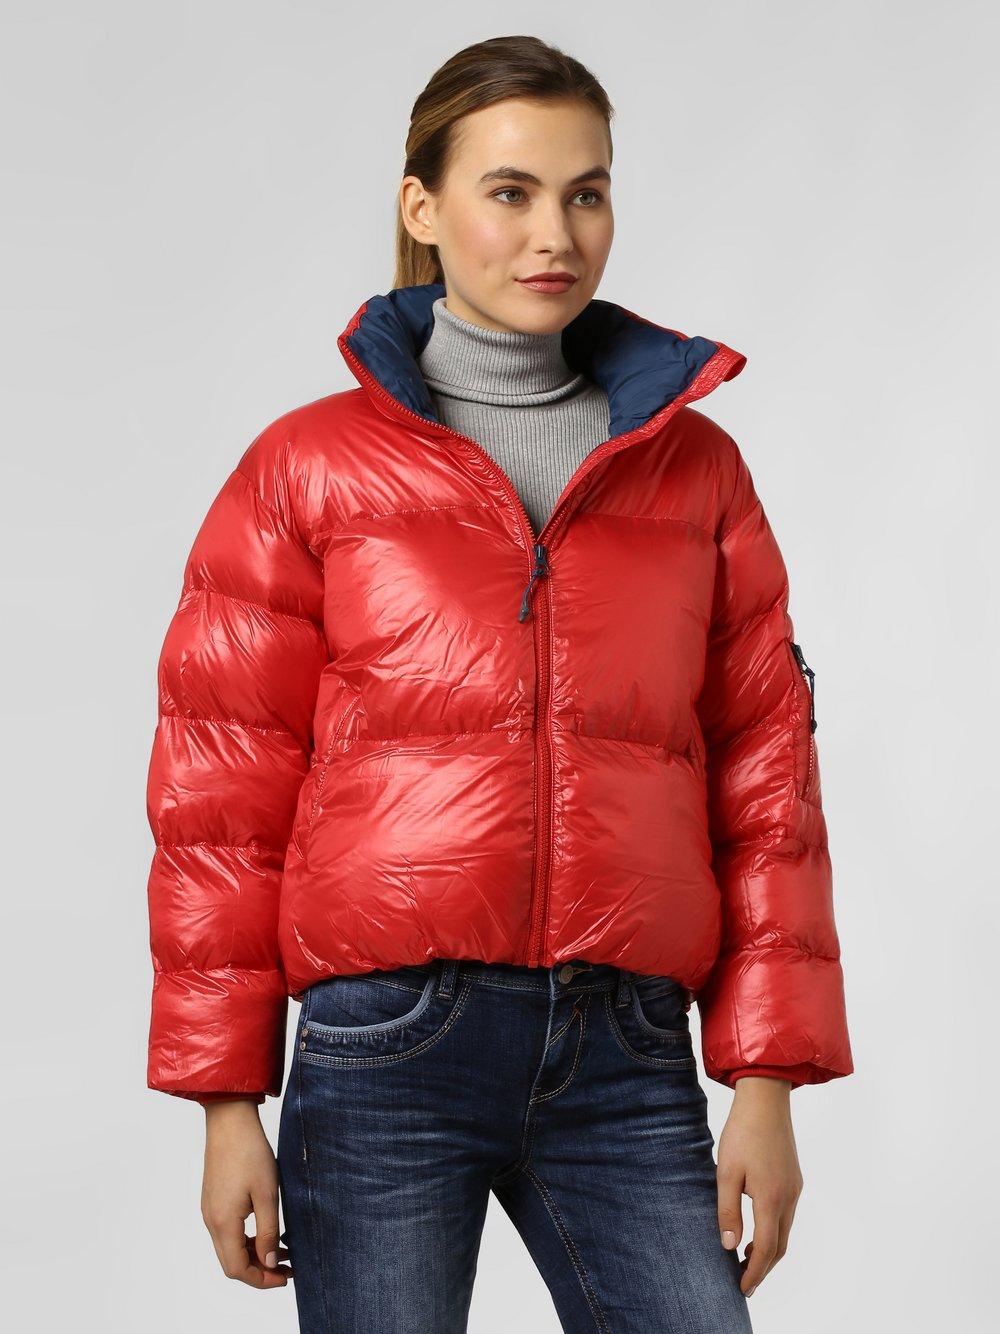 Pepe Jeans - Damska kurtka pikowana – Claire, czerwony